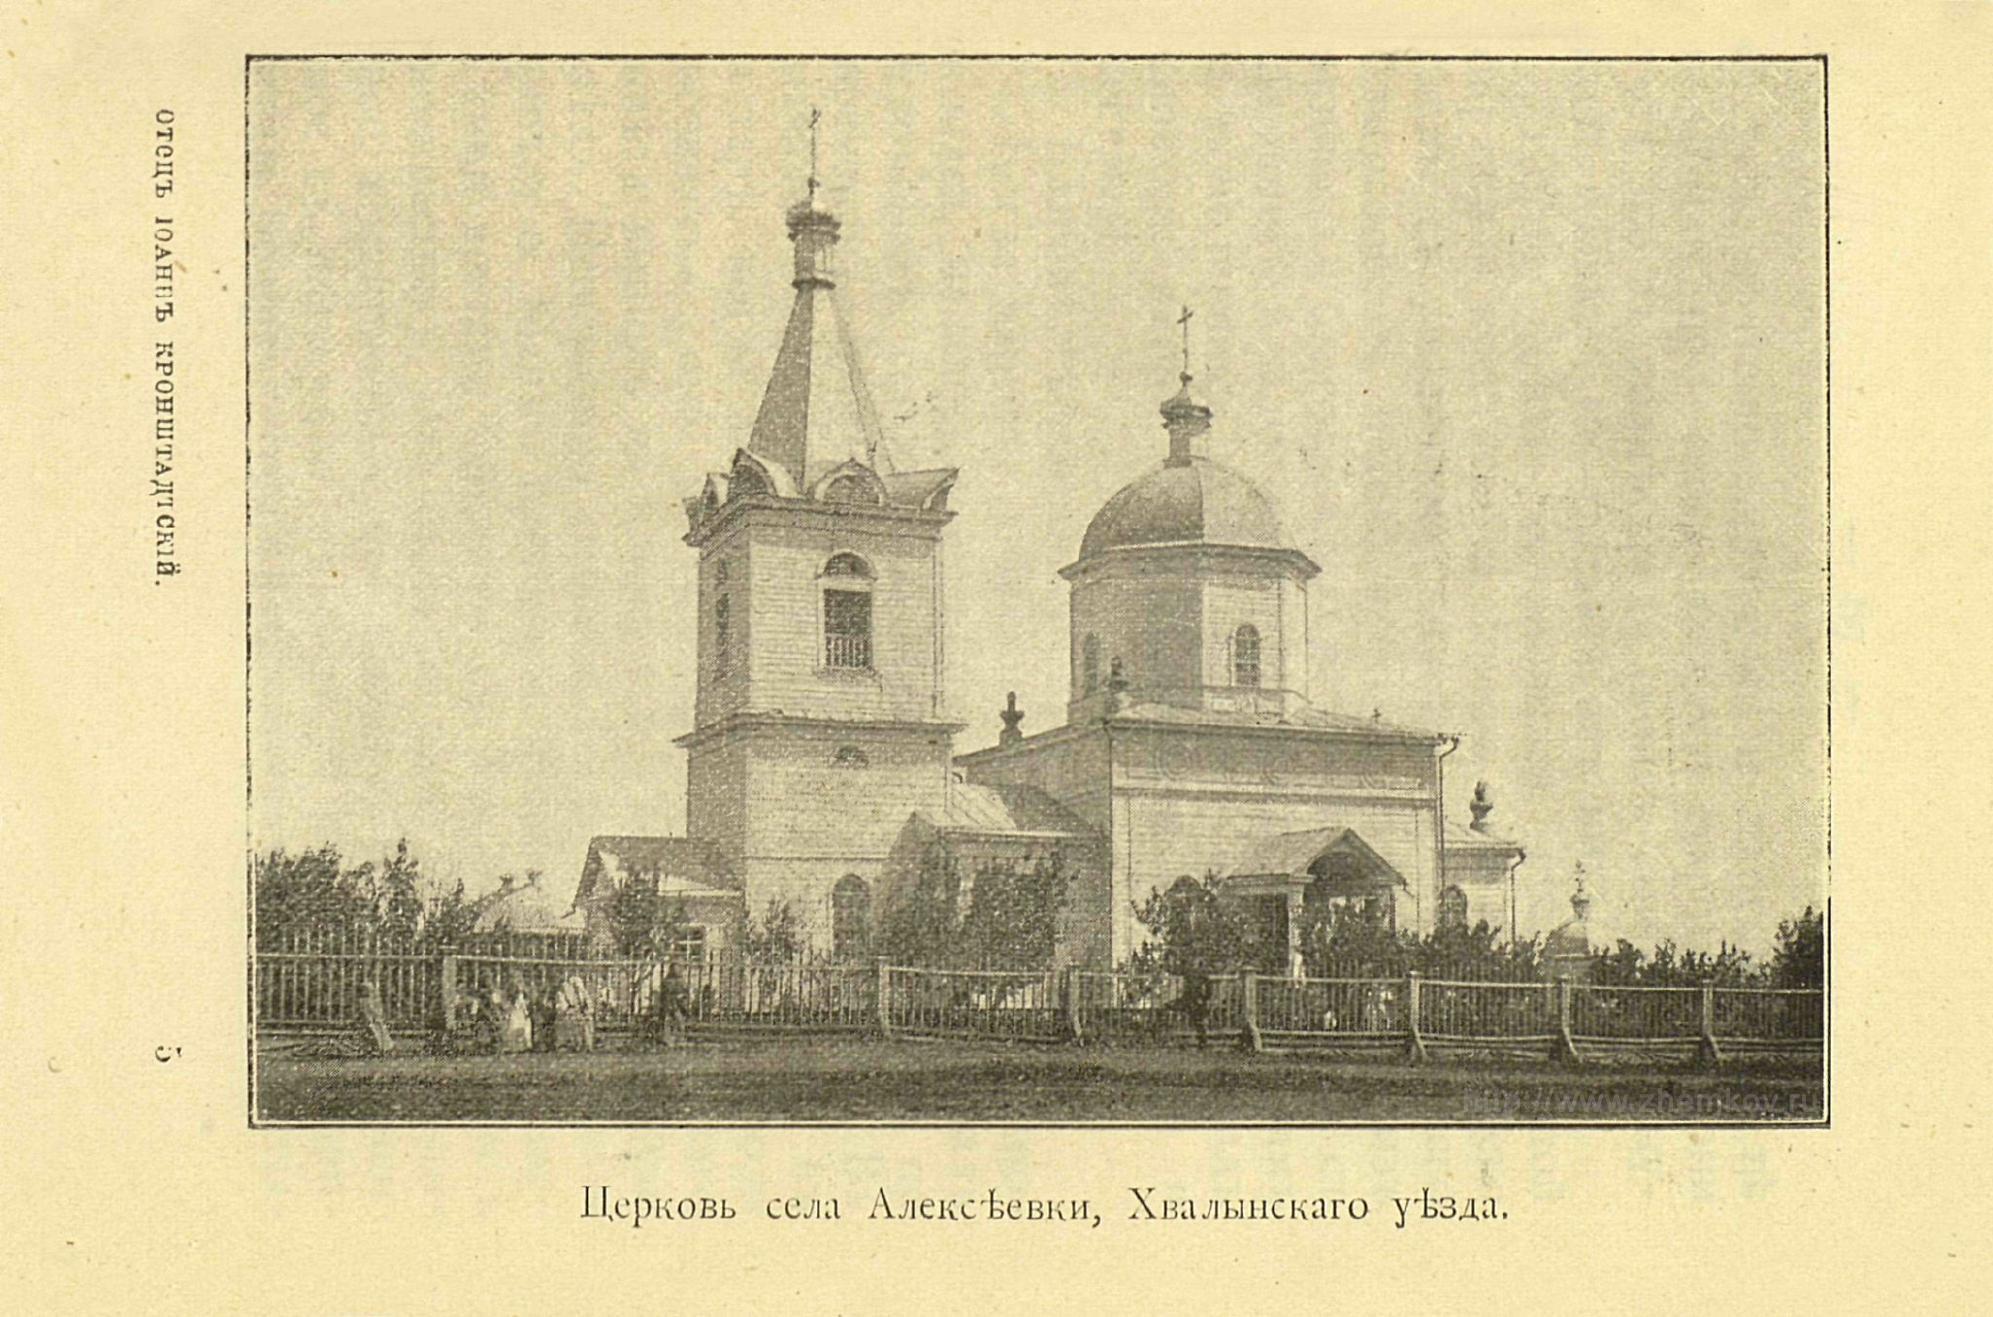 Храм преподобного Сергия Радонежского в с. Алексеевка